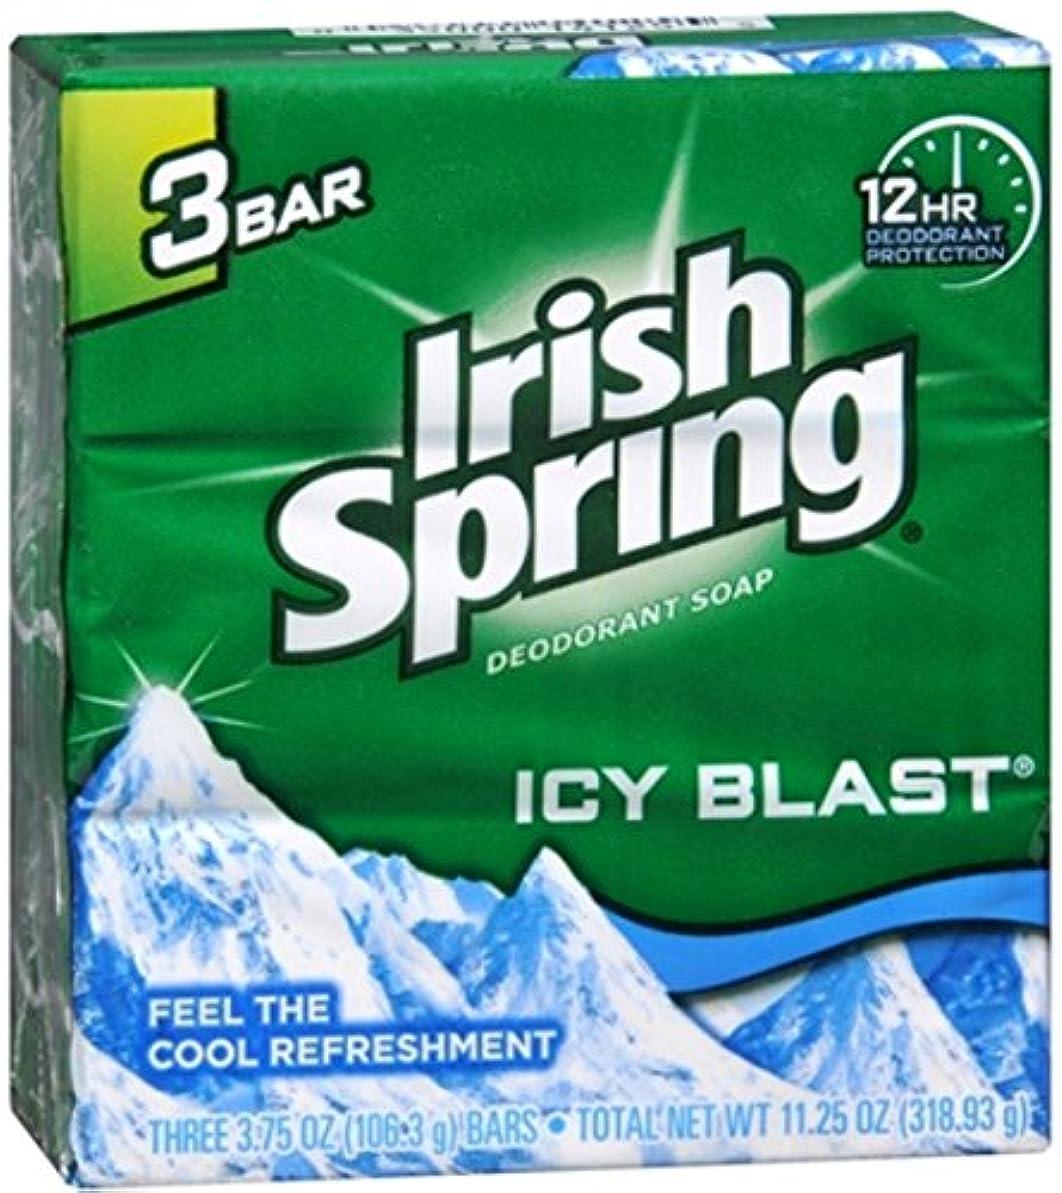 キャンベラ大砲バラバラにする【Irish Spring】アイリッシュスプリング?デオドラント石鹸113g×3個パック 【アイシーブラスト】